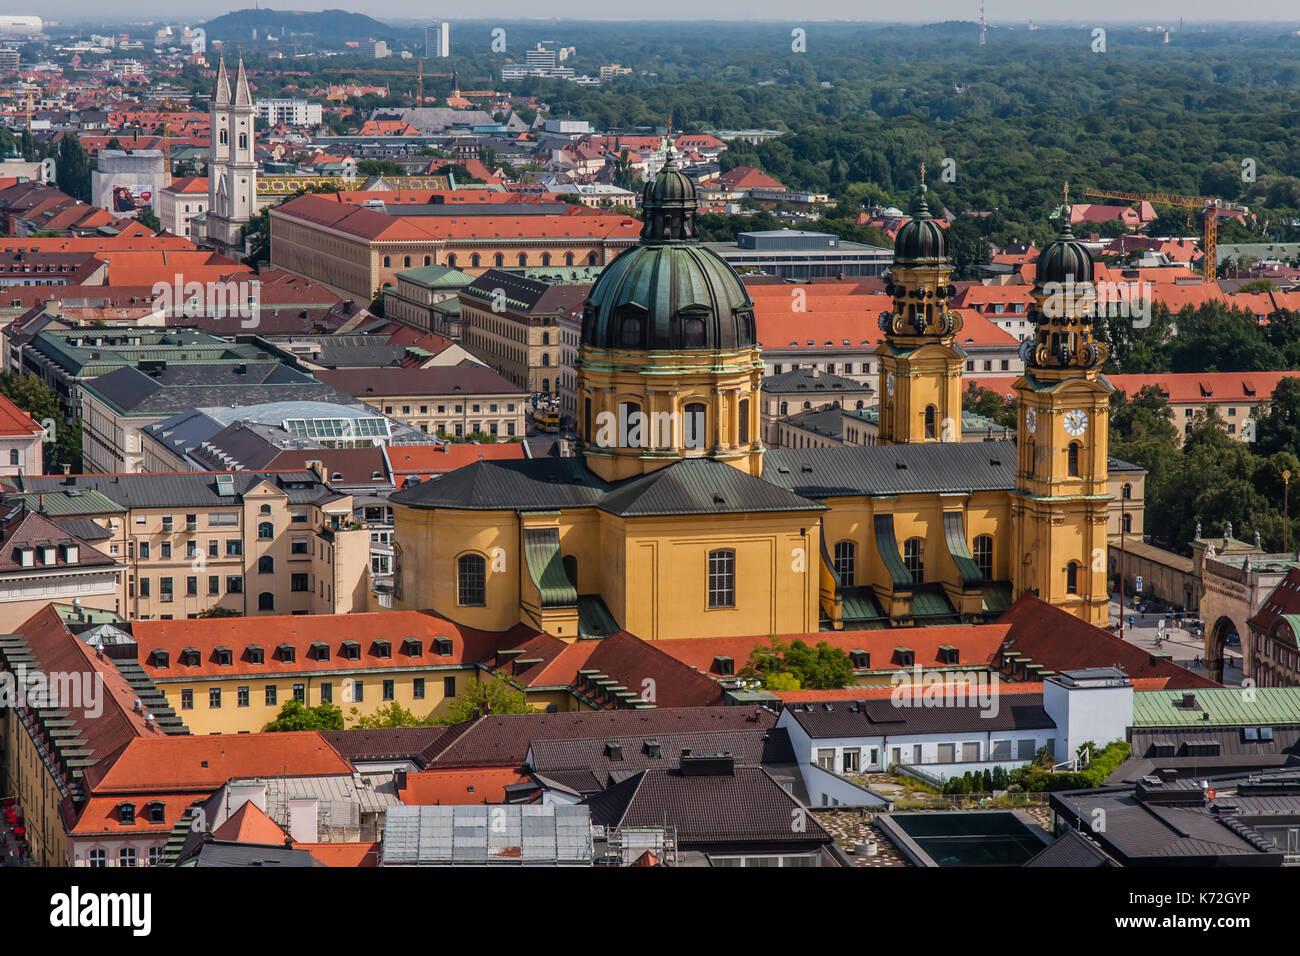 La città di Monaco di Baviera con la chiesa Teatini, una vista dalla Frauenkirche Immagini Stock